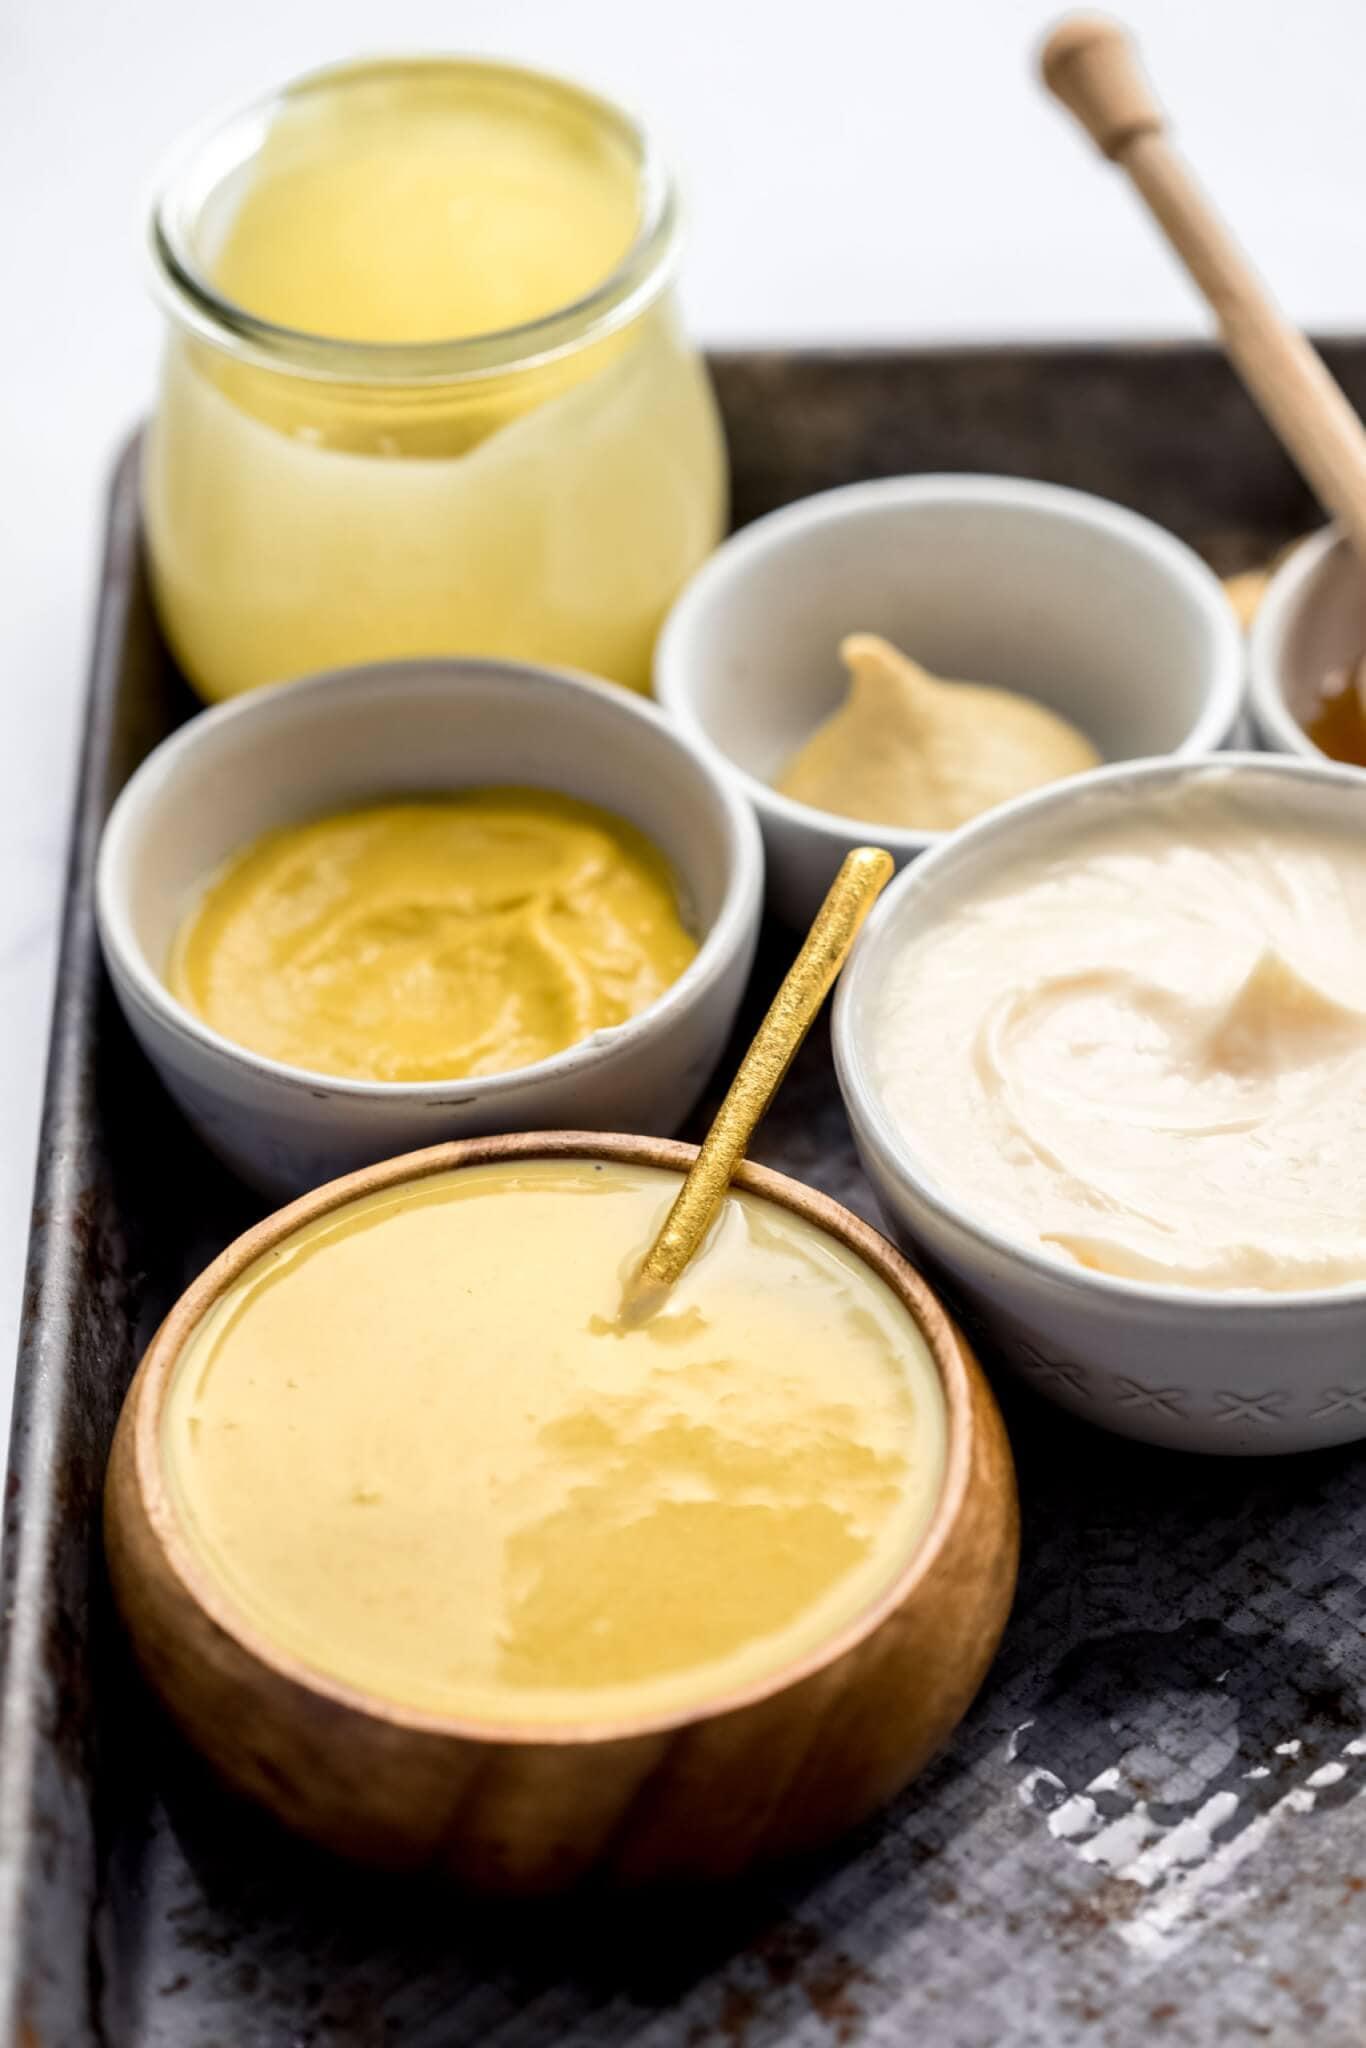 Ingredients for honey mustard laid on baking sheet